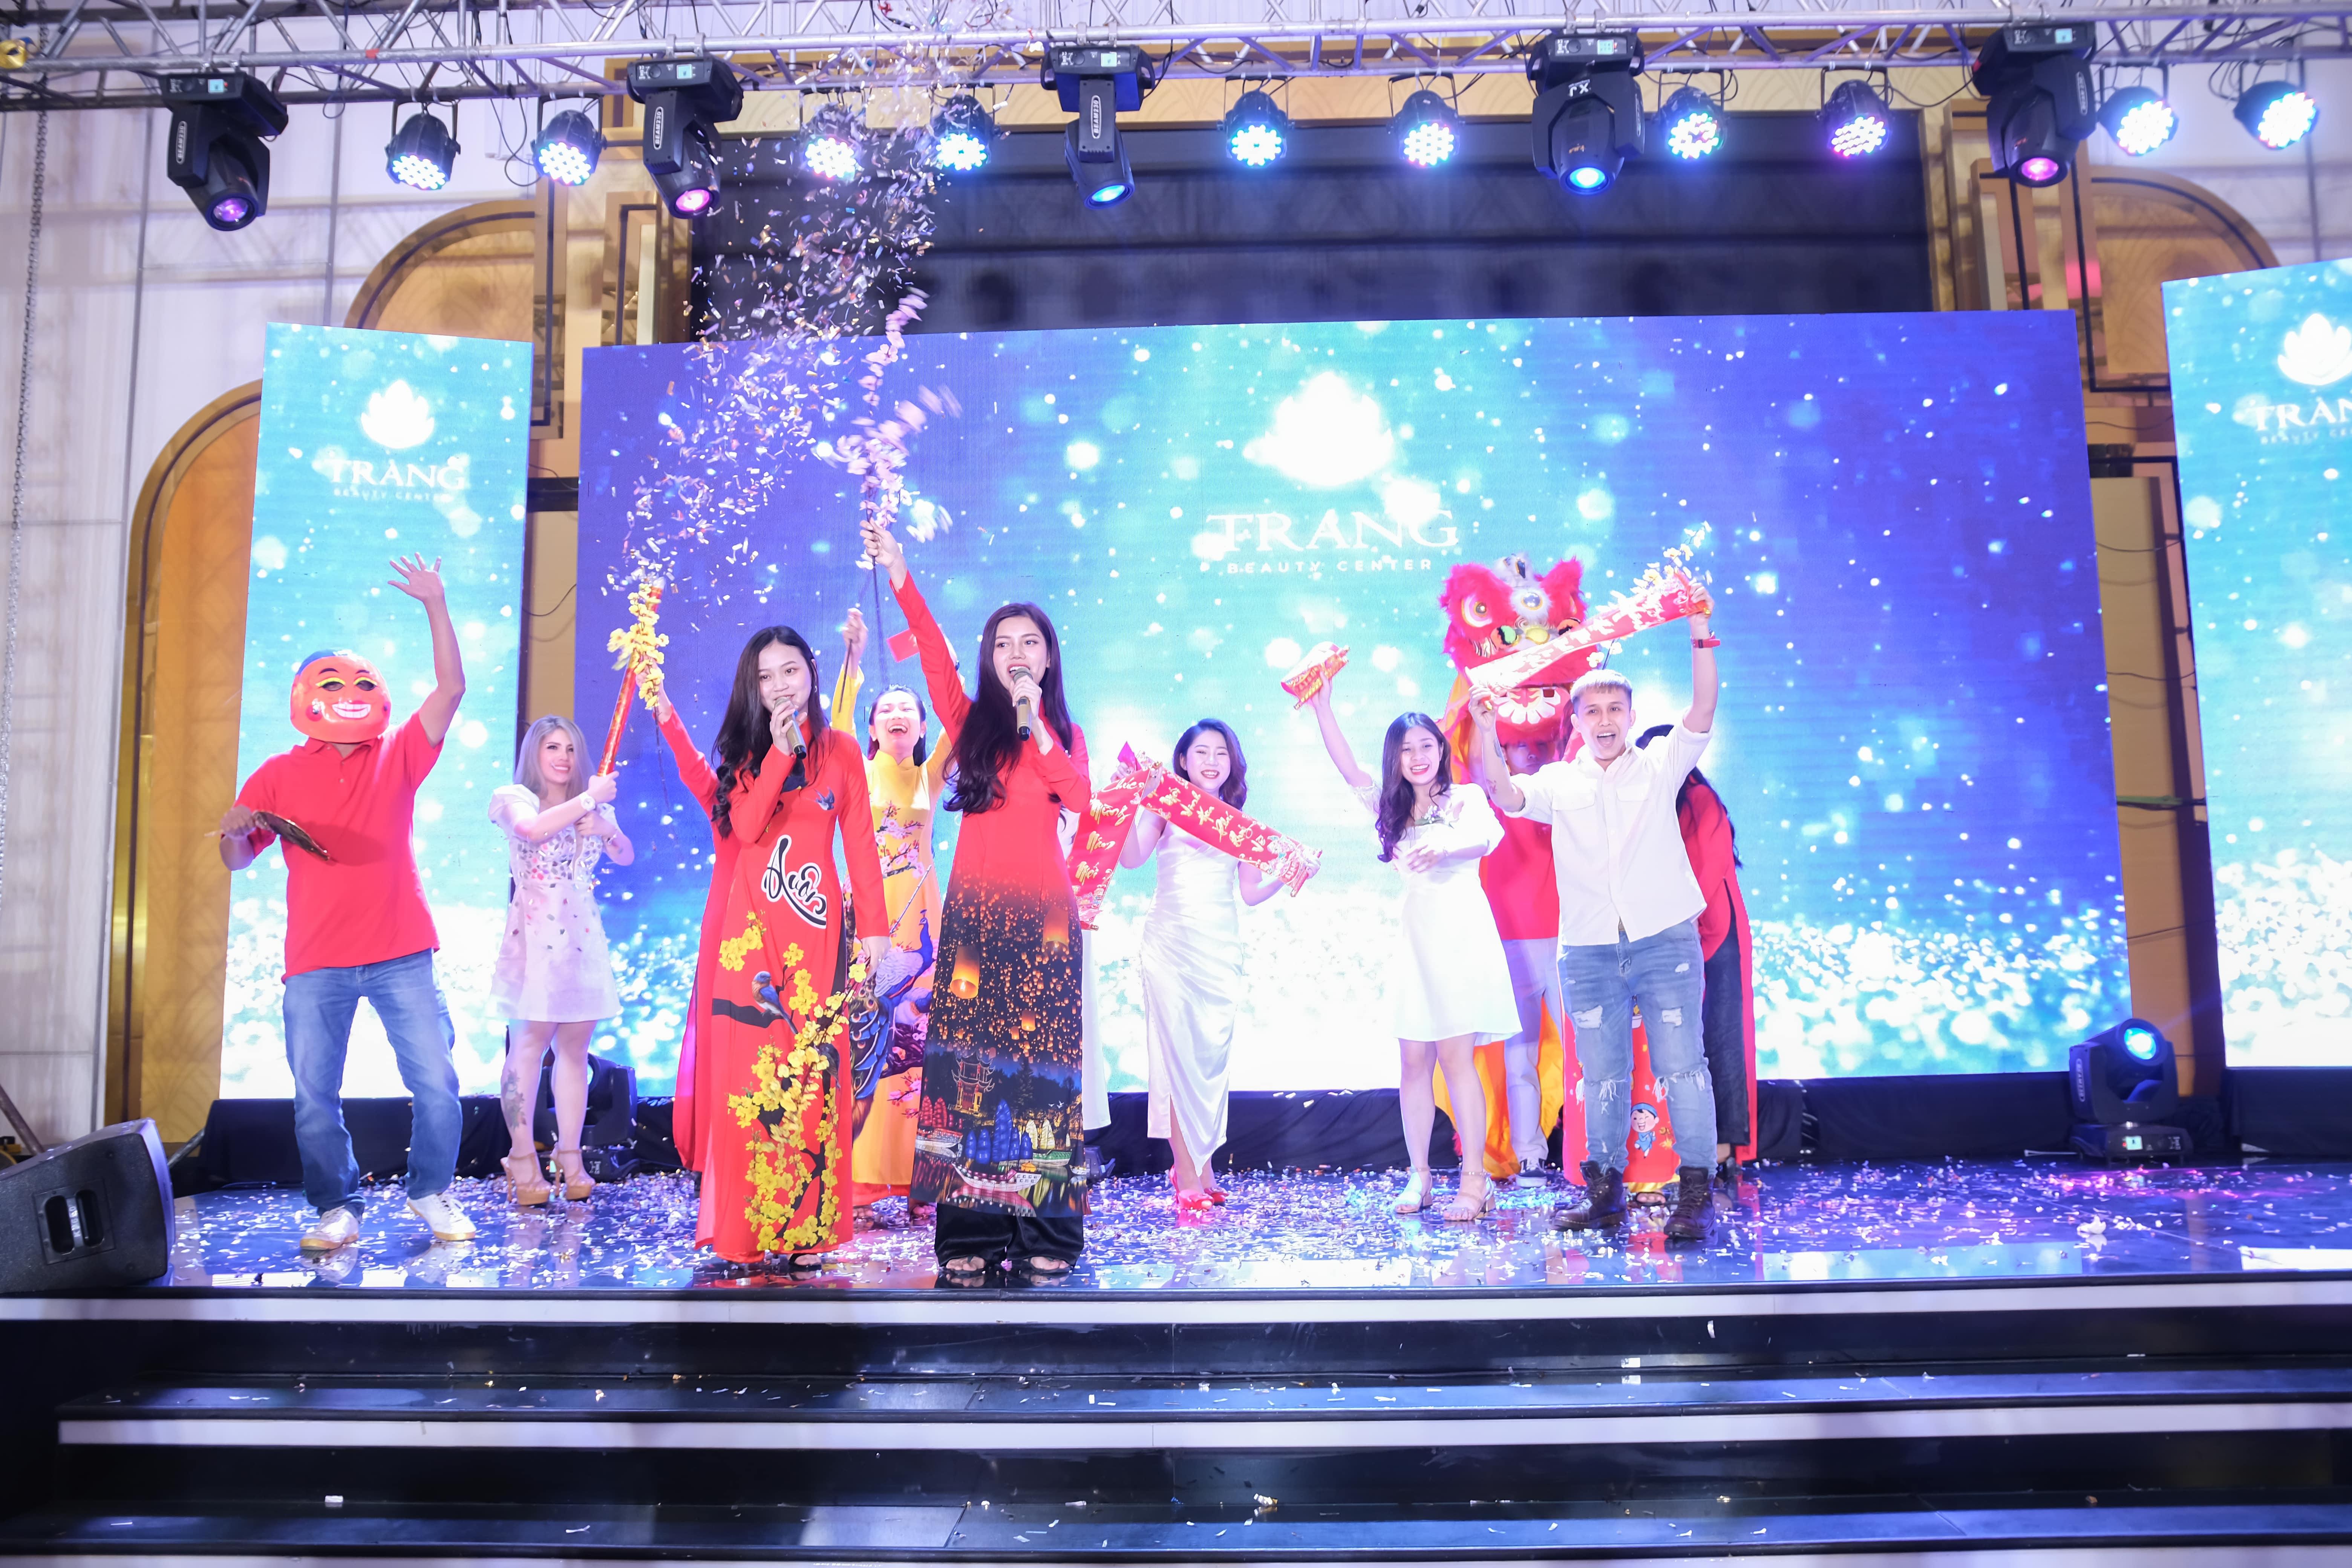 Các tiết mục văn nghệ của nhân viên công tytrong chương trình tổ chức sự kiện Year End Party